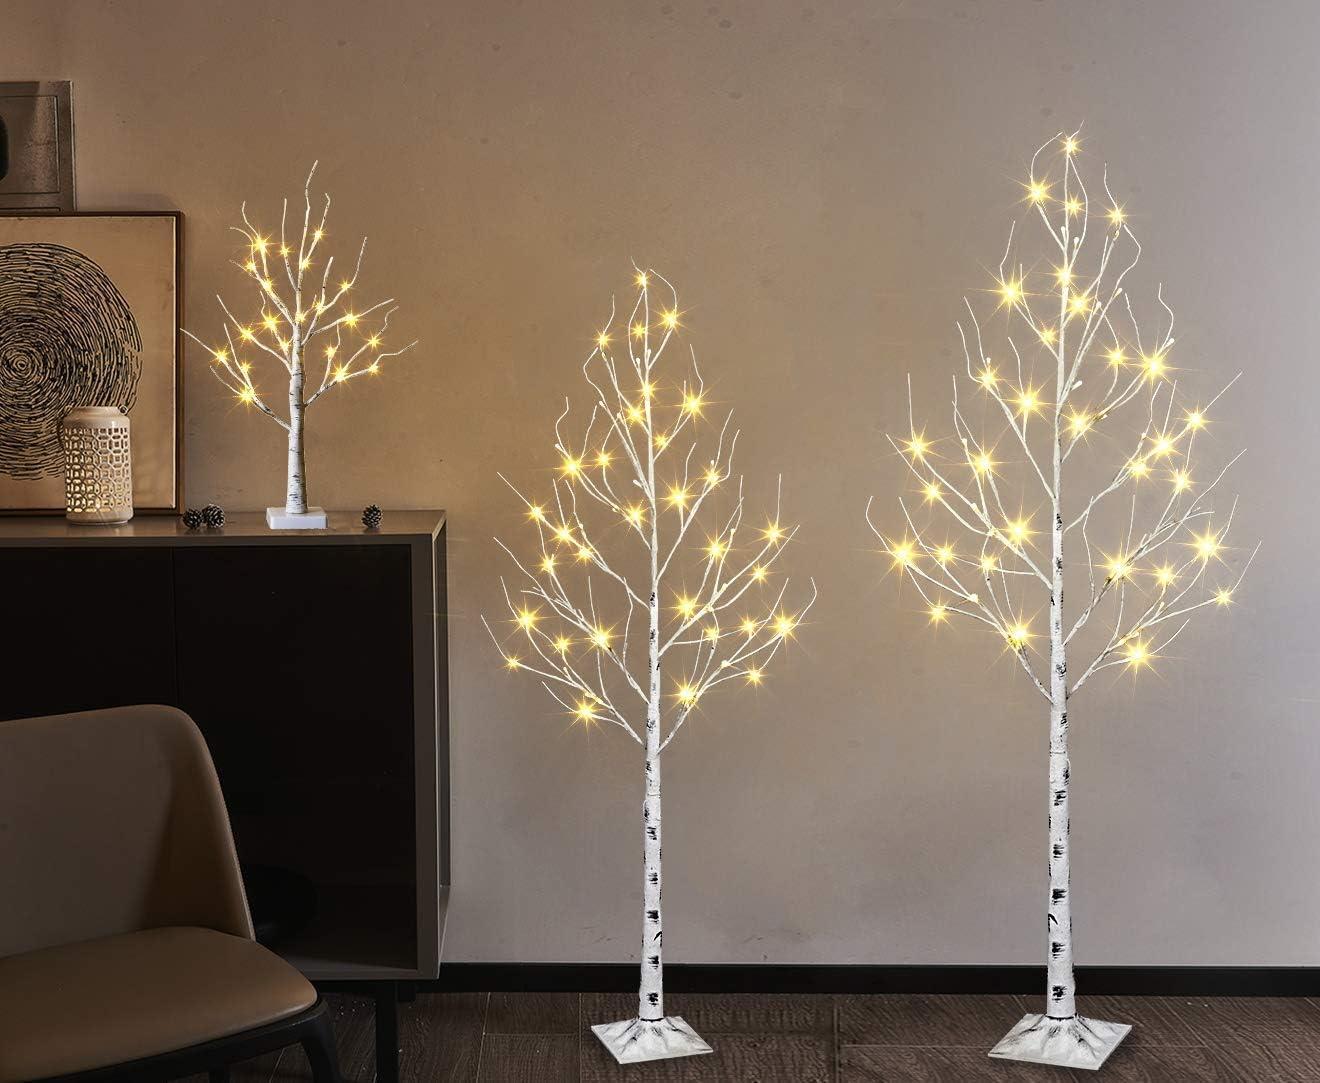 《週末限定タイムセール》 セール特価 EAMBRITE 5FT 6FT White Birch Tree Set LED 2FT O Battery and 24LT